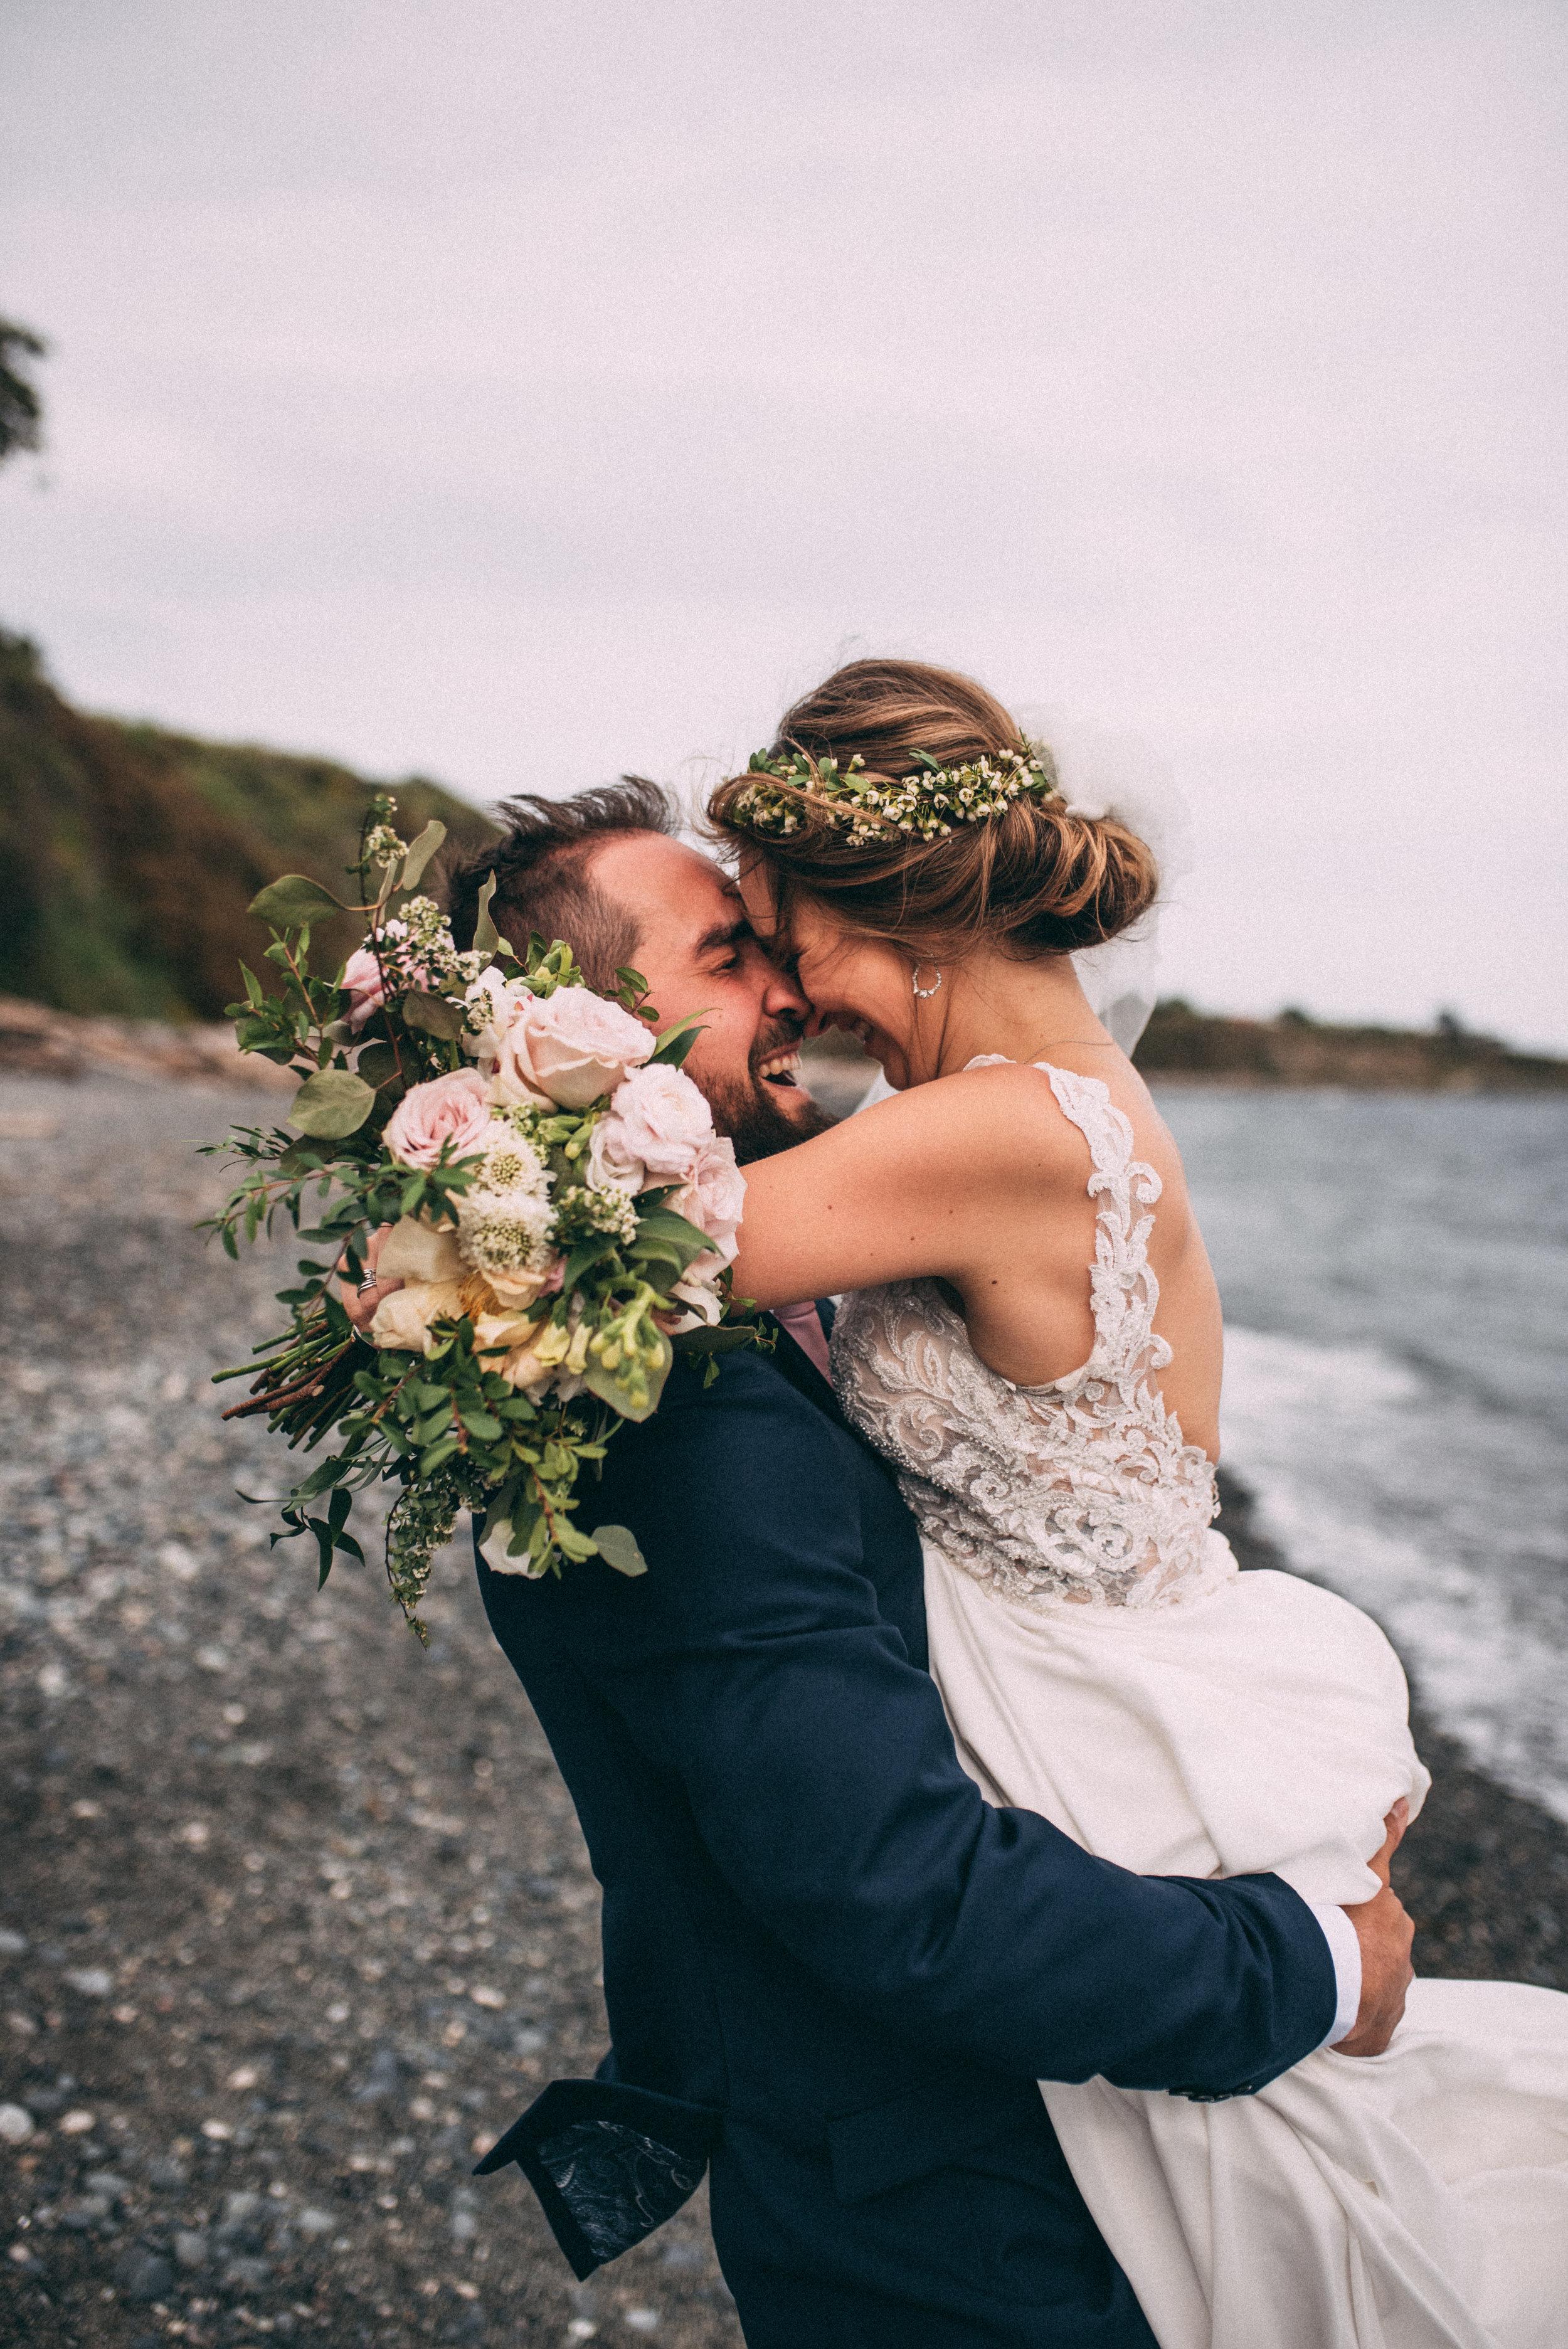 Amanda&EricMoisanVictoriaWedding-May26,2018-LauraOlsonPhotography-7689.jpg